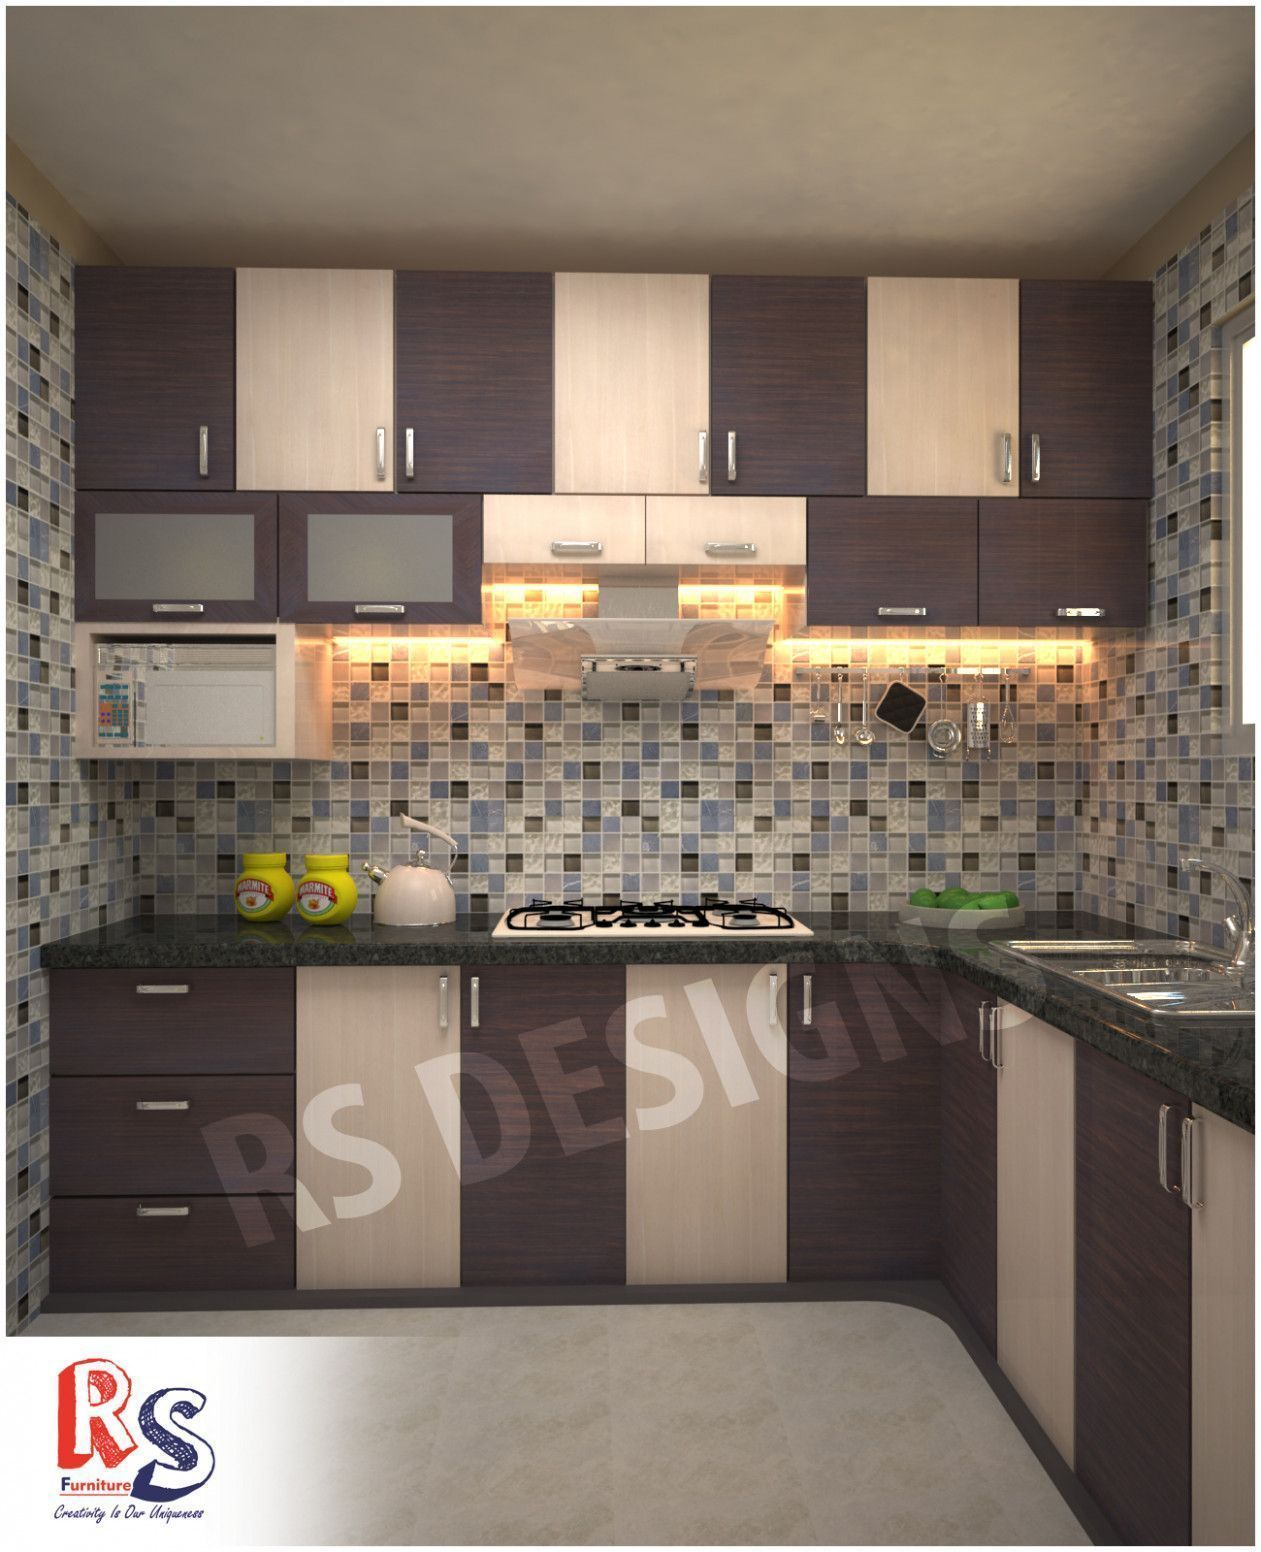 Indian Modular Kitchen Design In 2020 Kitchen Tiles Design